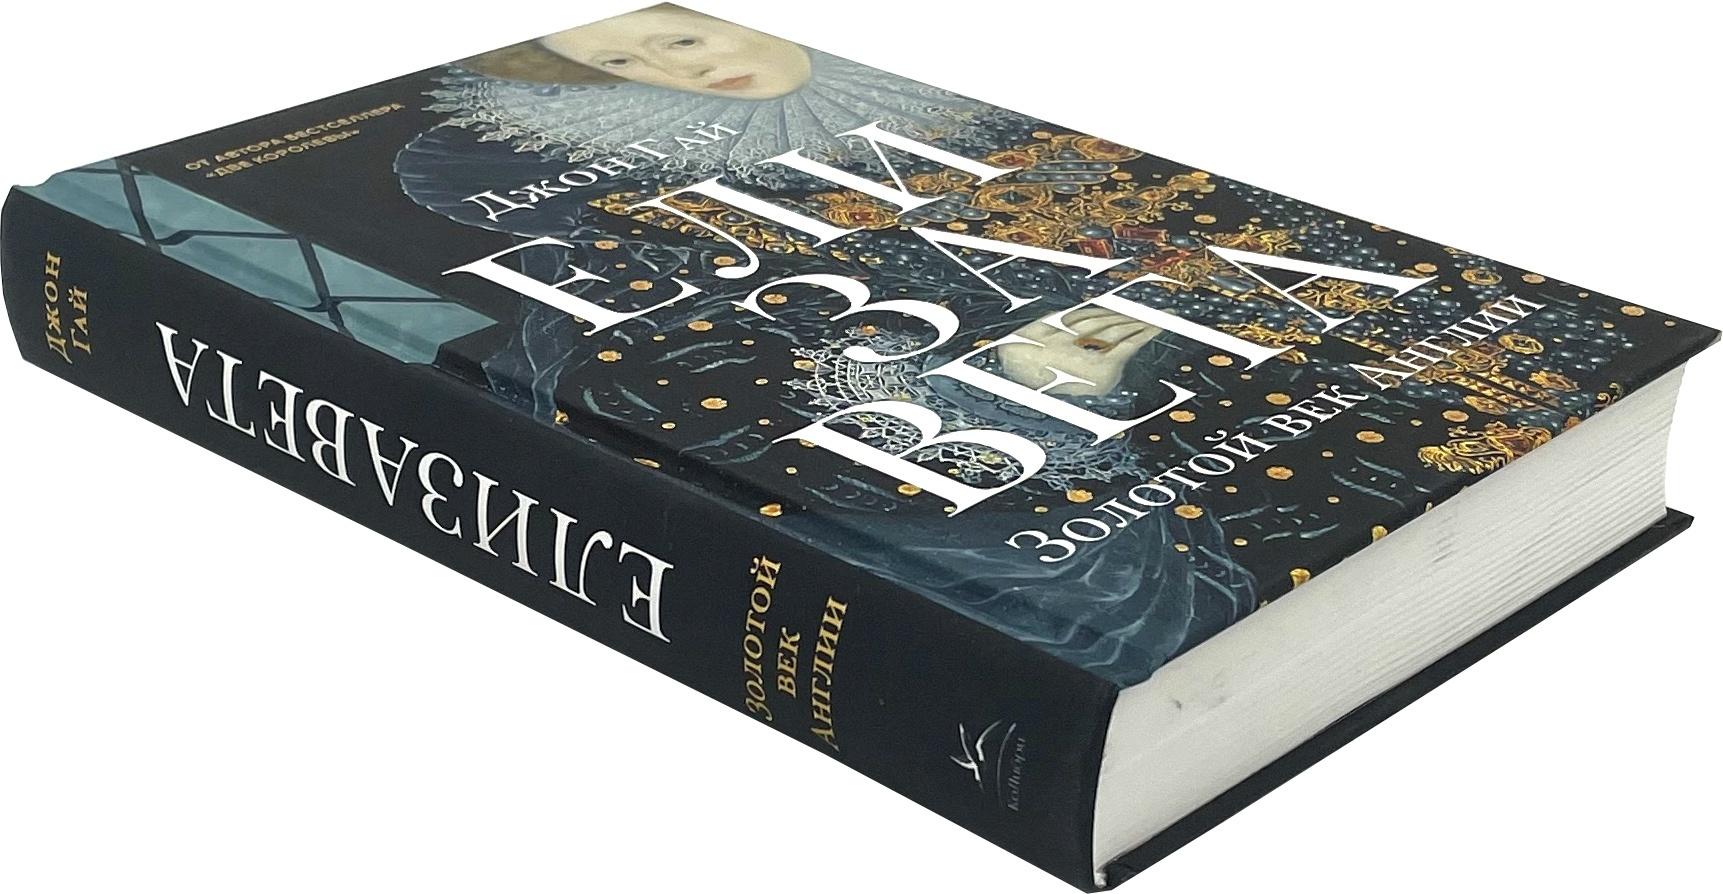 Елизавета. Золотой век Англии. Автор — Джон Гай. Переплет —